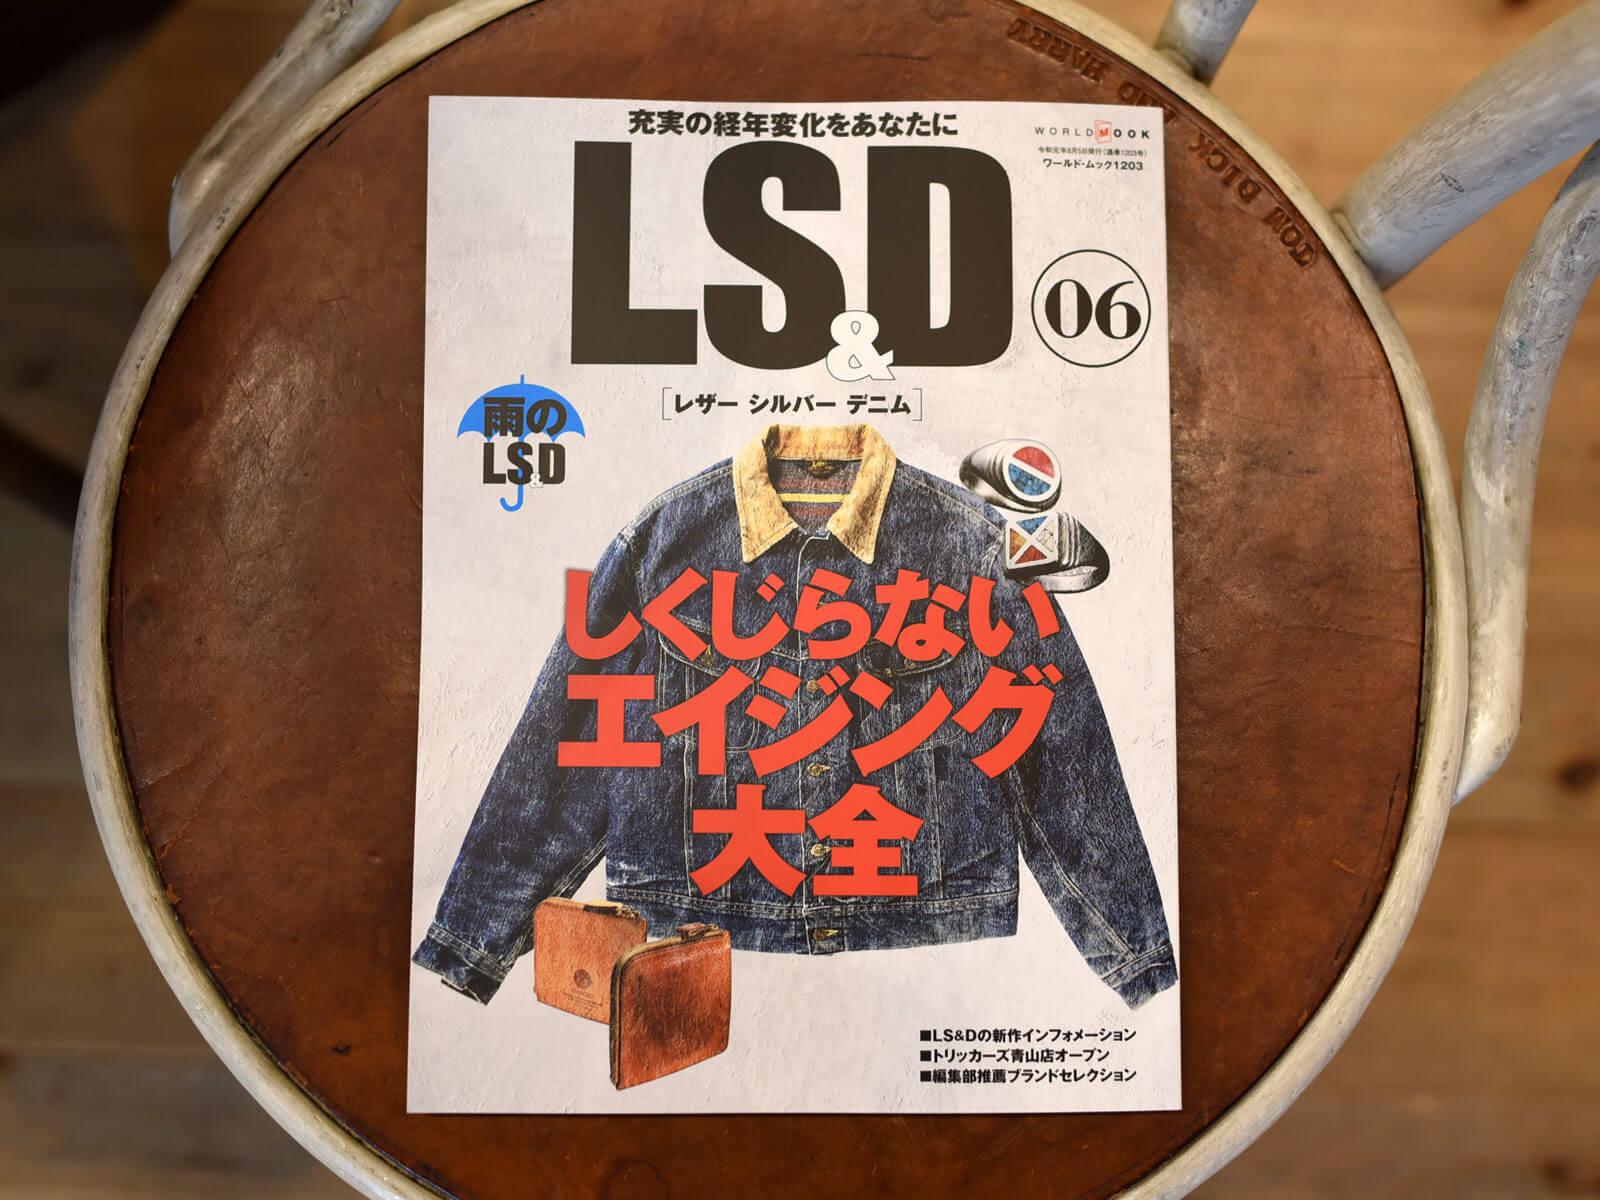 雑誌掲載のお知らせ「LS&D 06 レザー シルバー デニム」